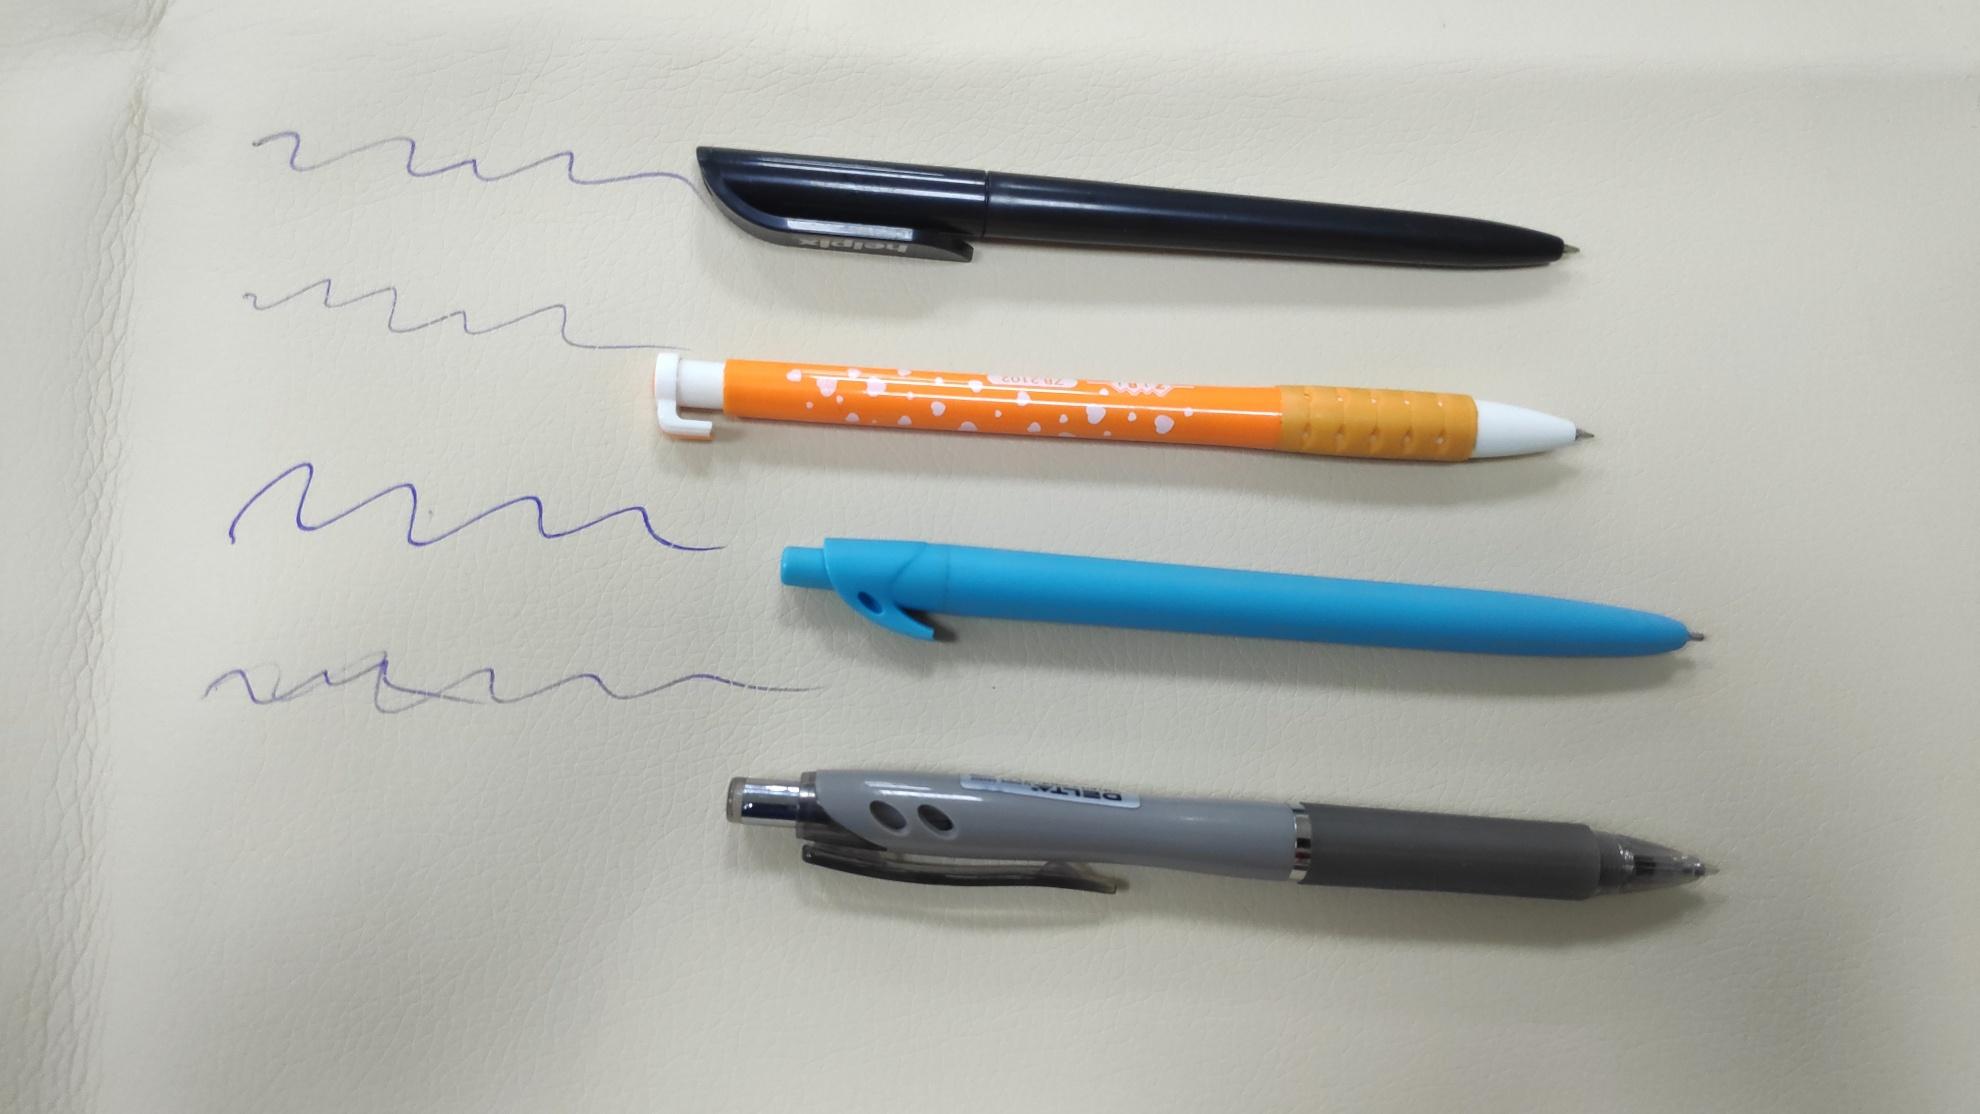 Удаление пятен шариковой ручки с кожзама (видео и пояснения)